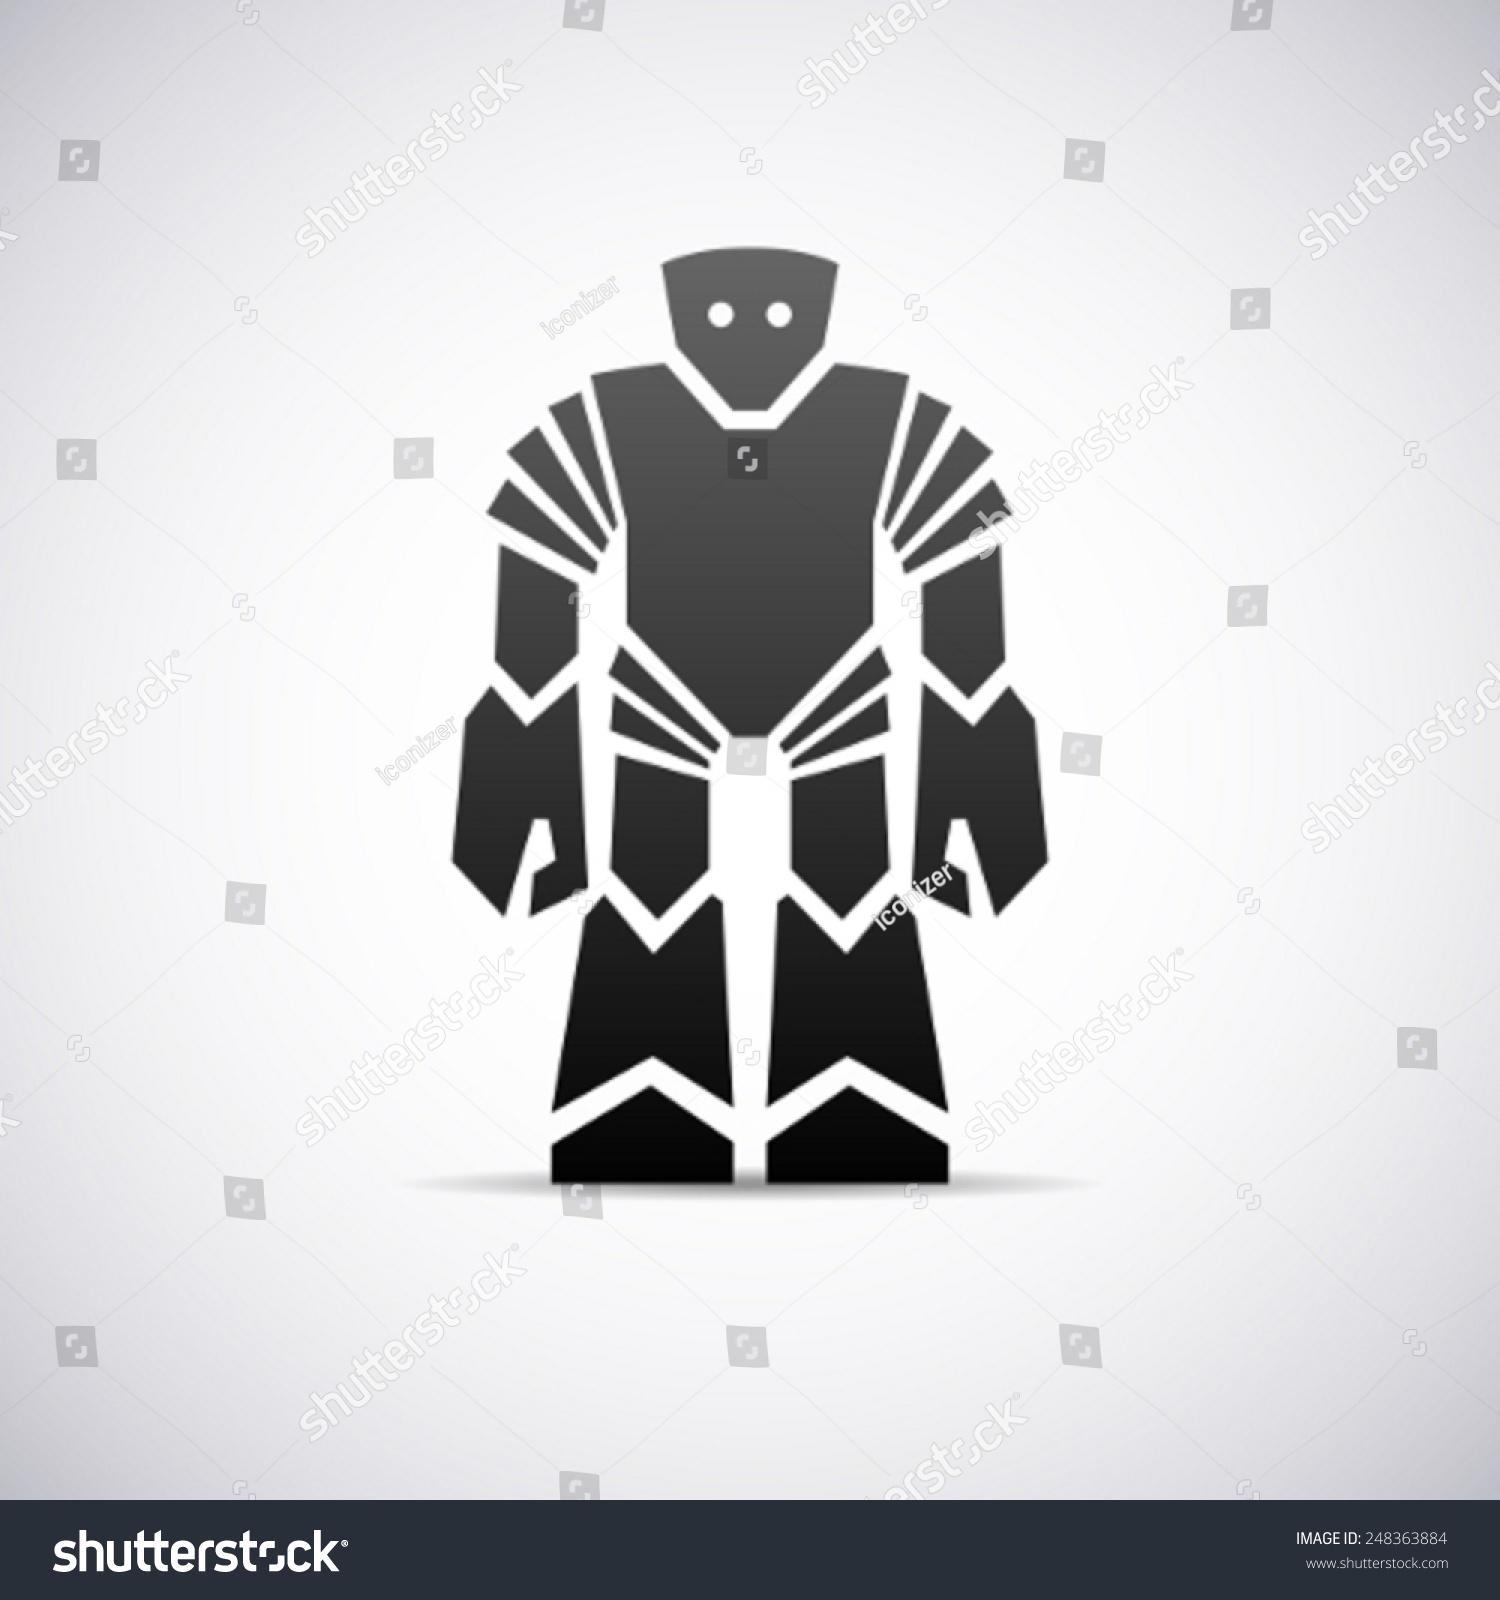 机器人矢量标志设计模板-符号/标志,运动/娱乐活动-()